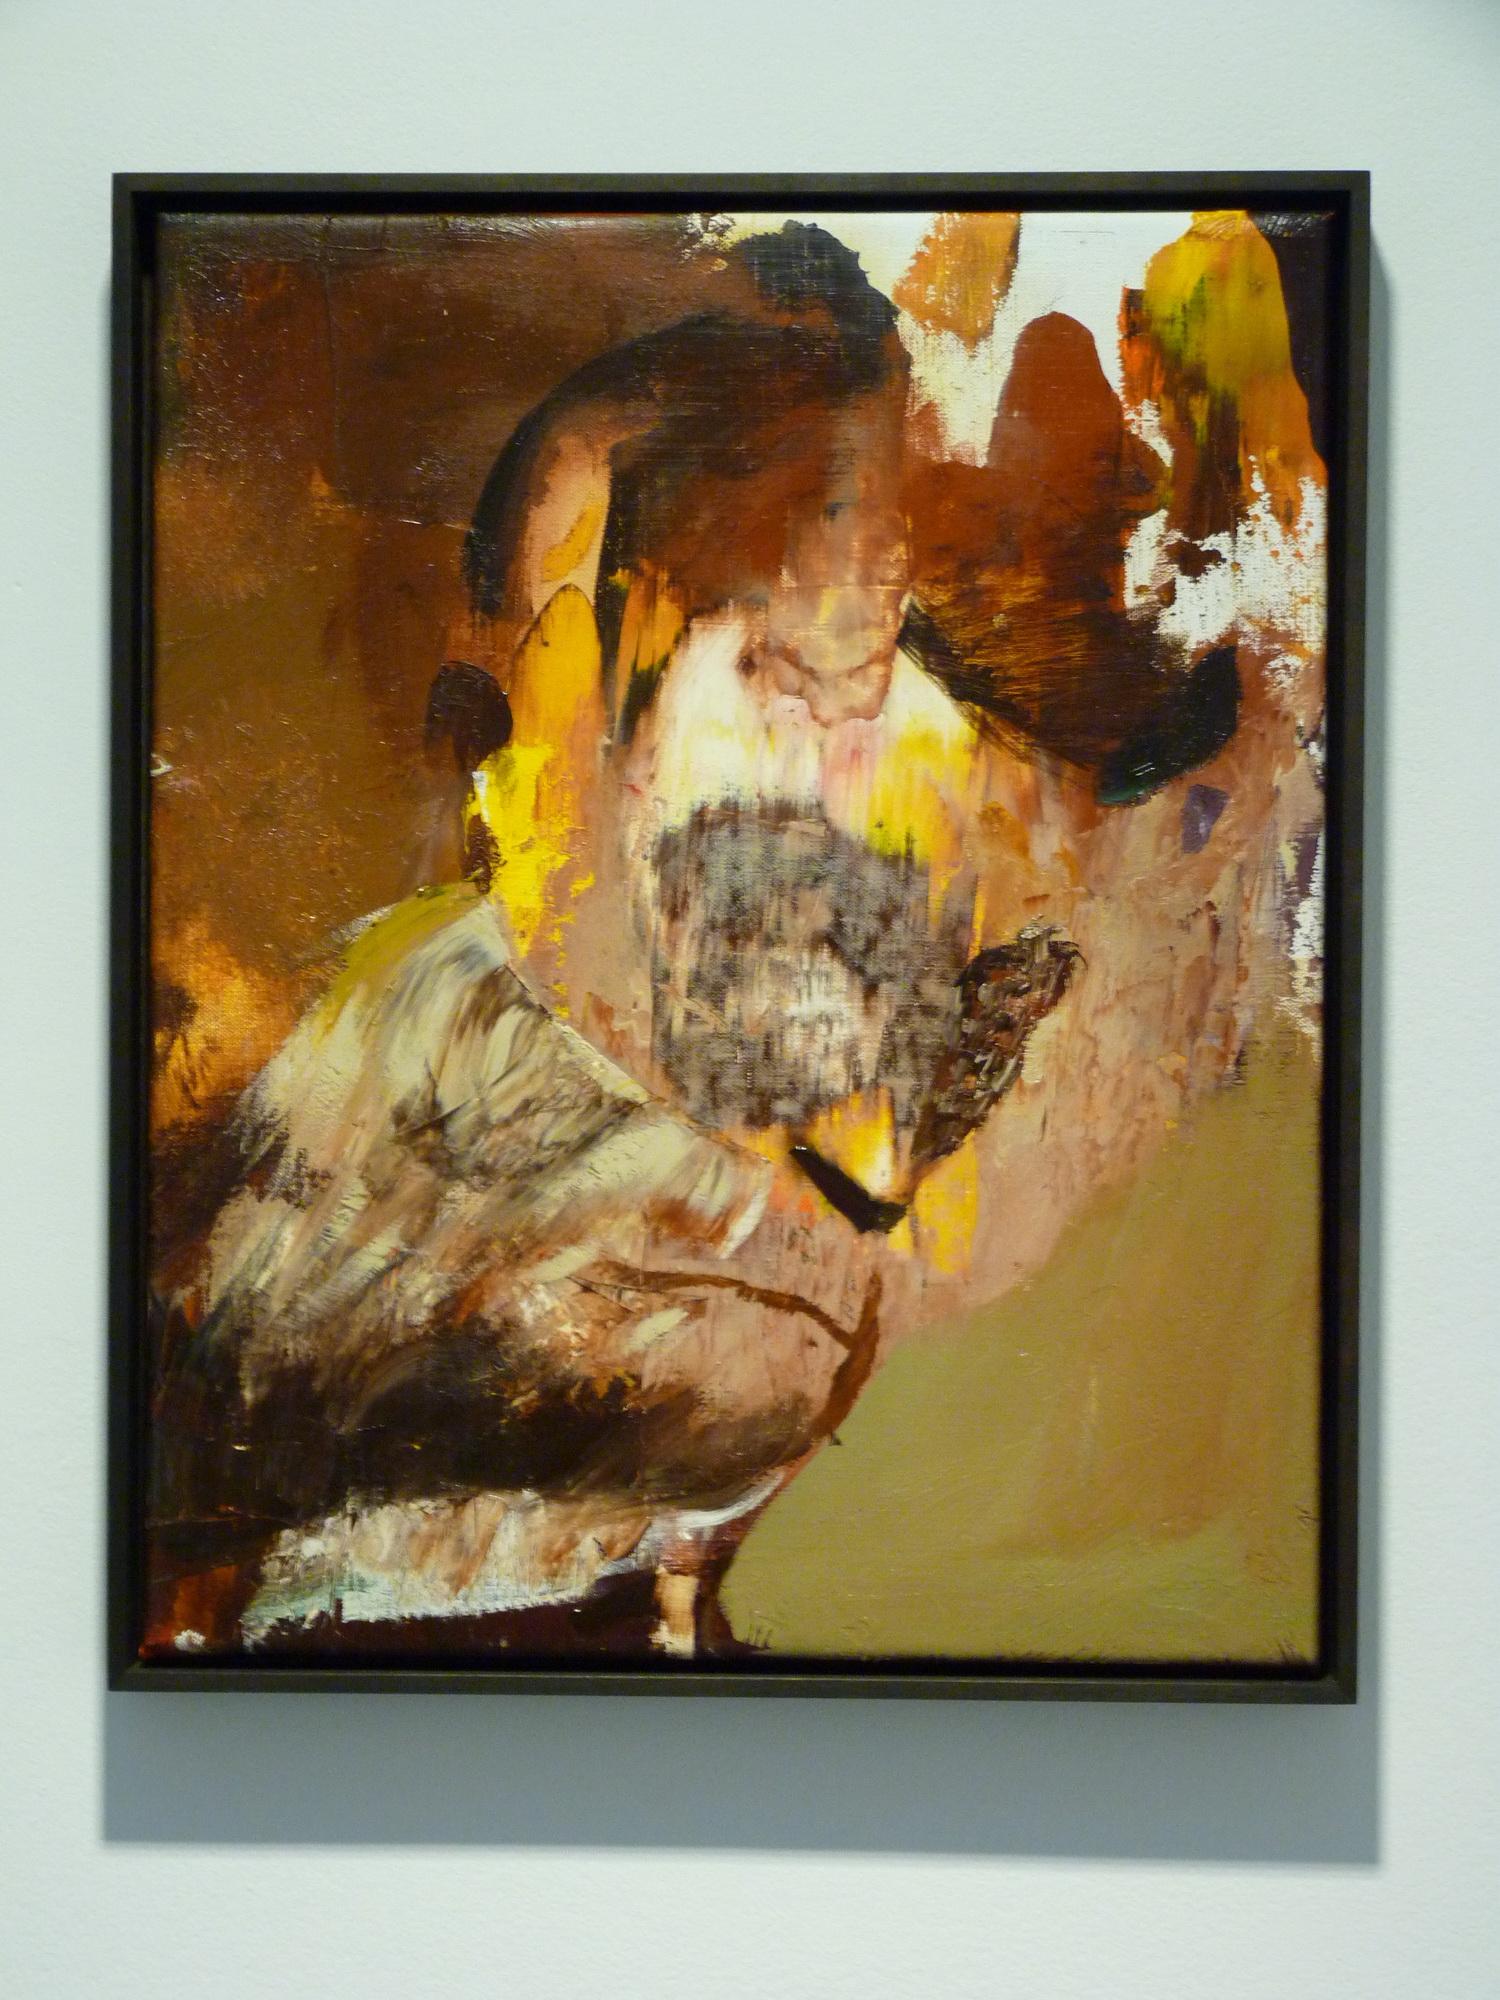 020-2 Adrian Ghenie ne1977  43x30cm 2015   huileur toile